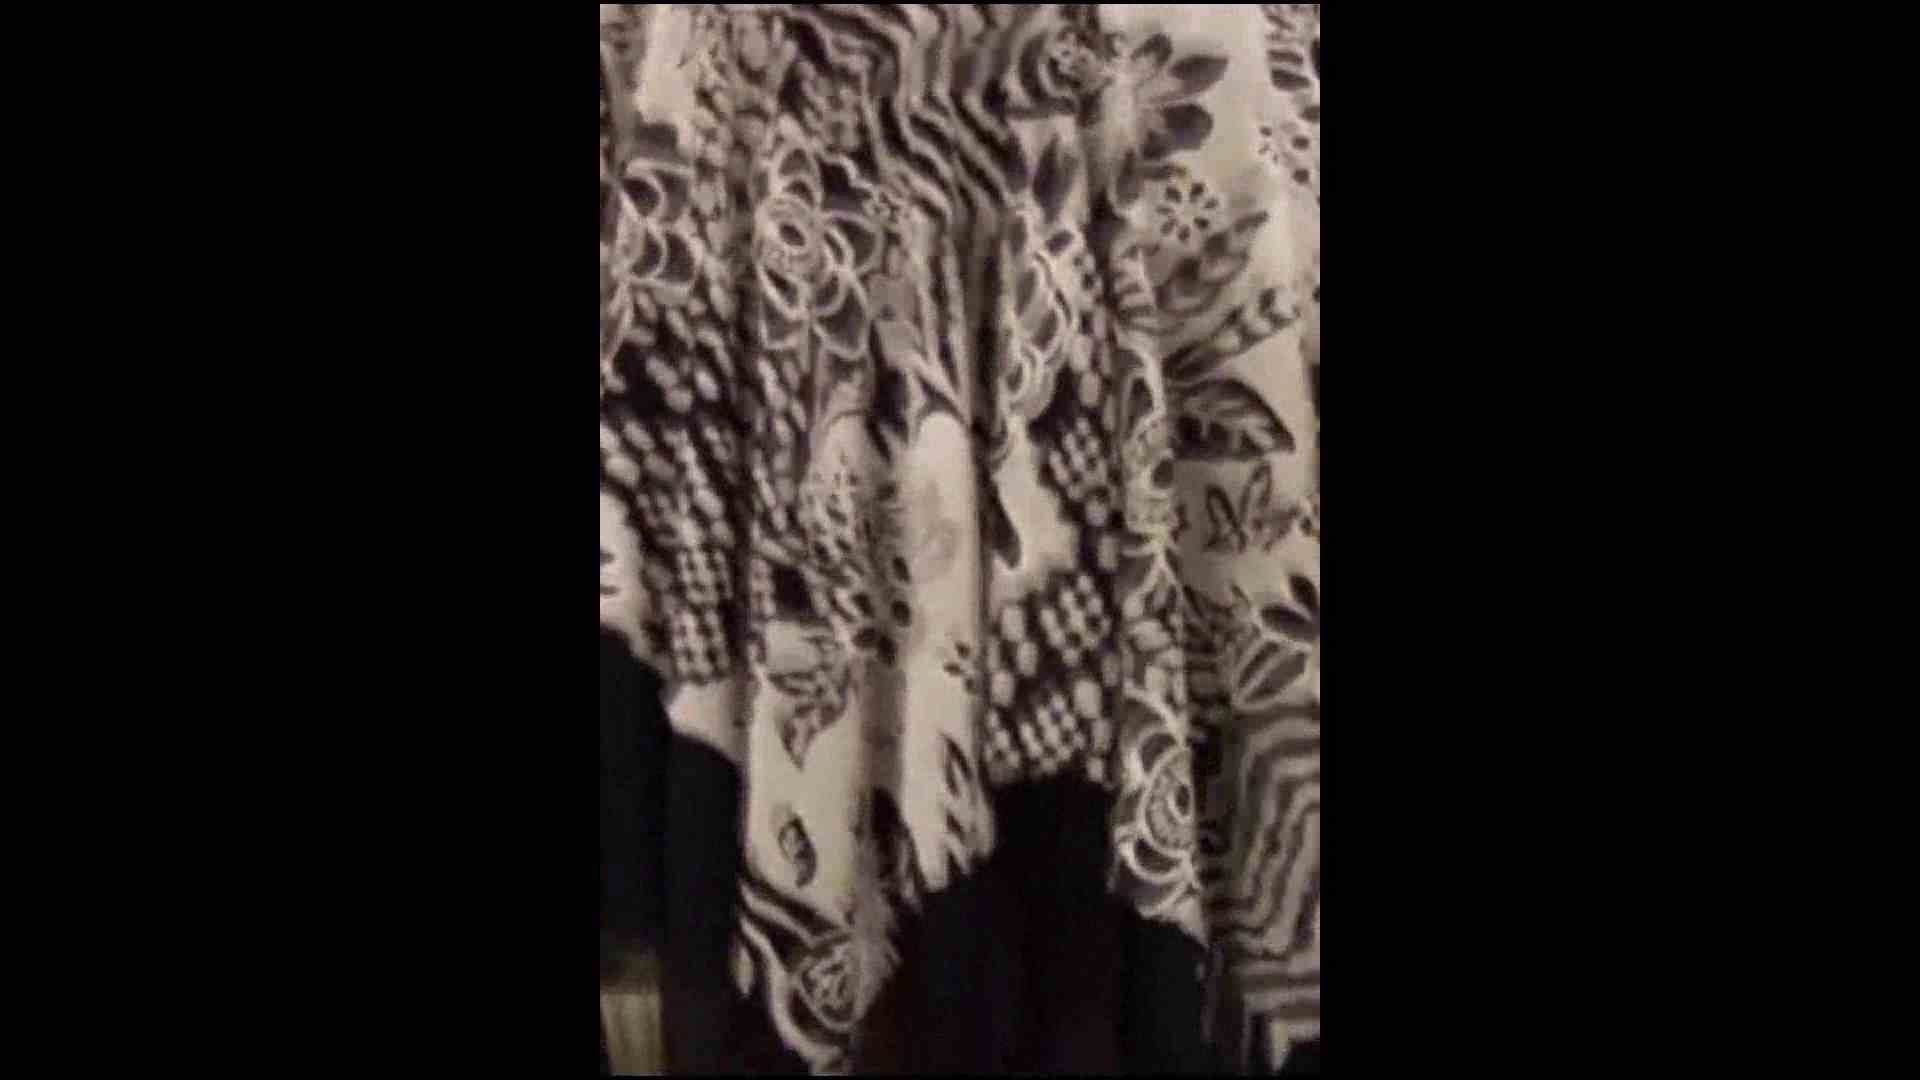 綺麗なモデルさんのスカート捲っちゃおう‼vol01 Hなお姉さん | モデルヌード  74pic 16